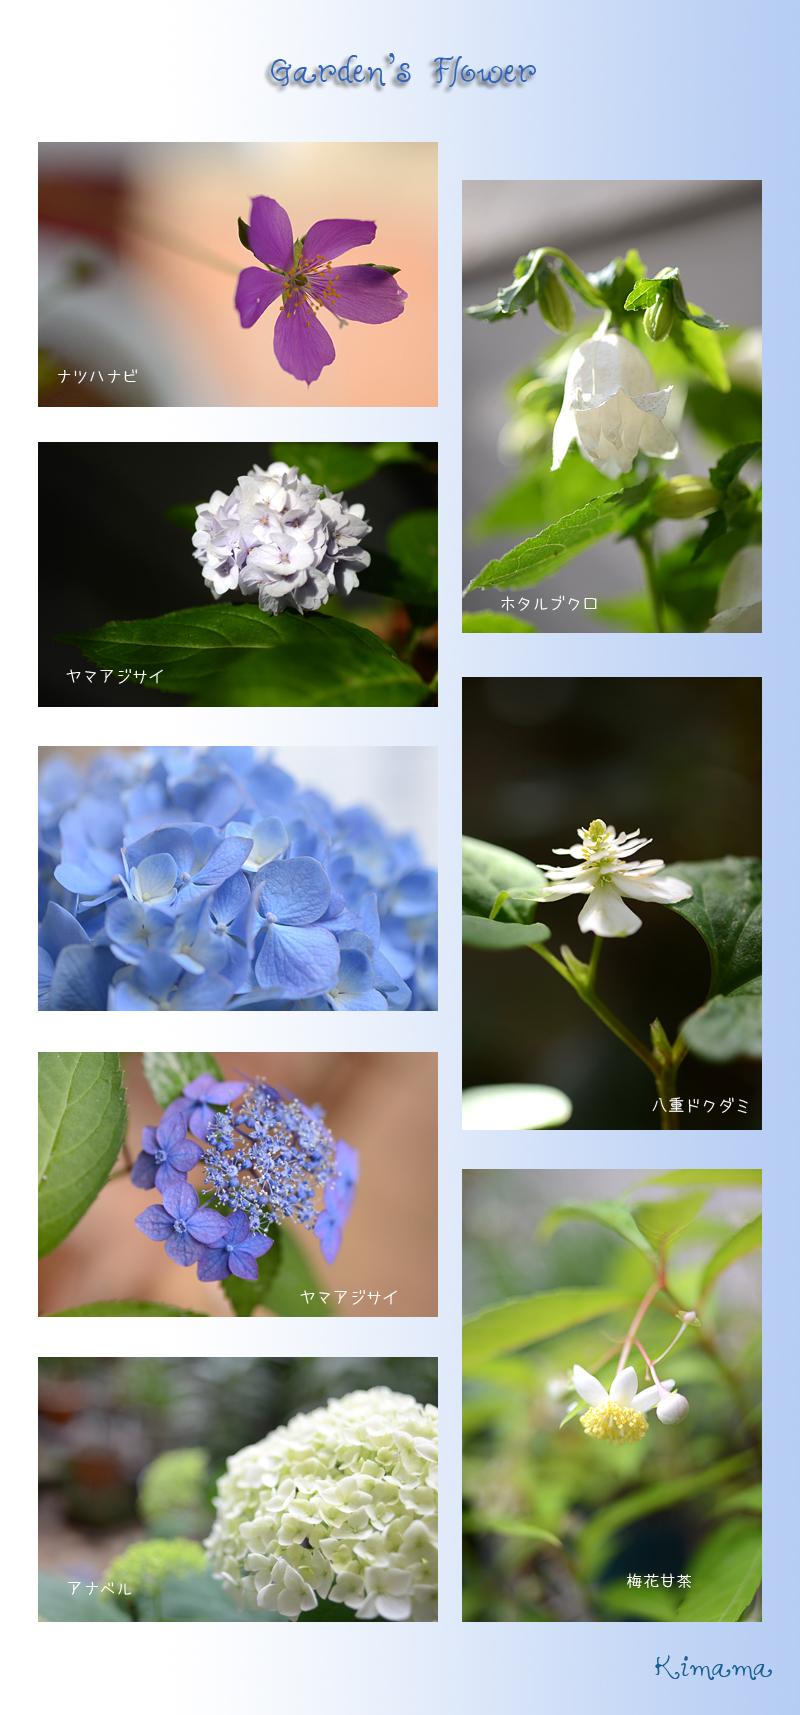 6月13日庭の花